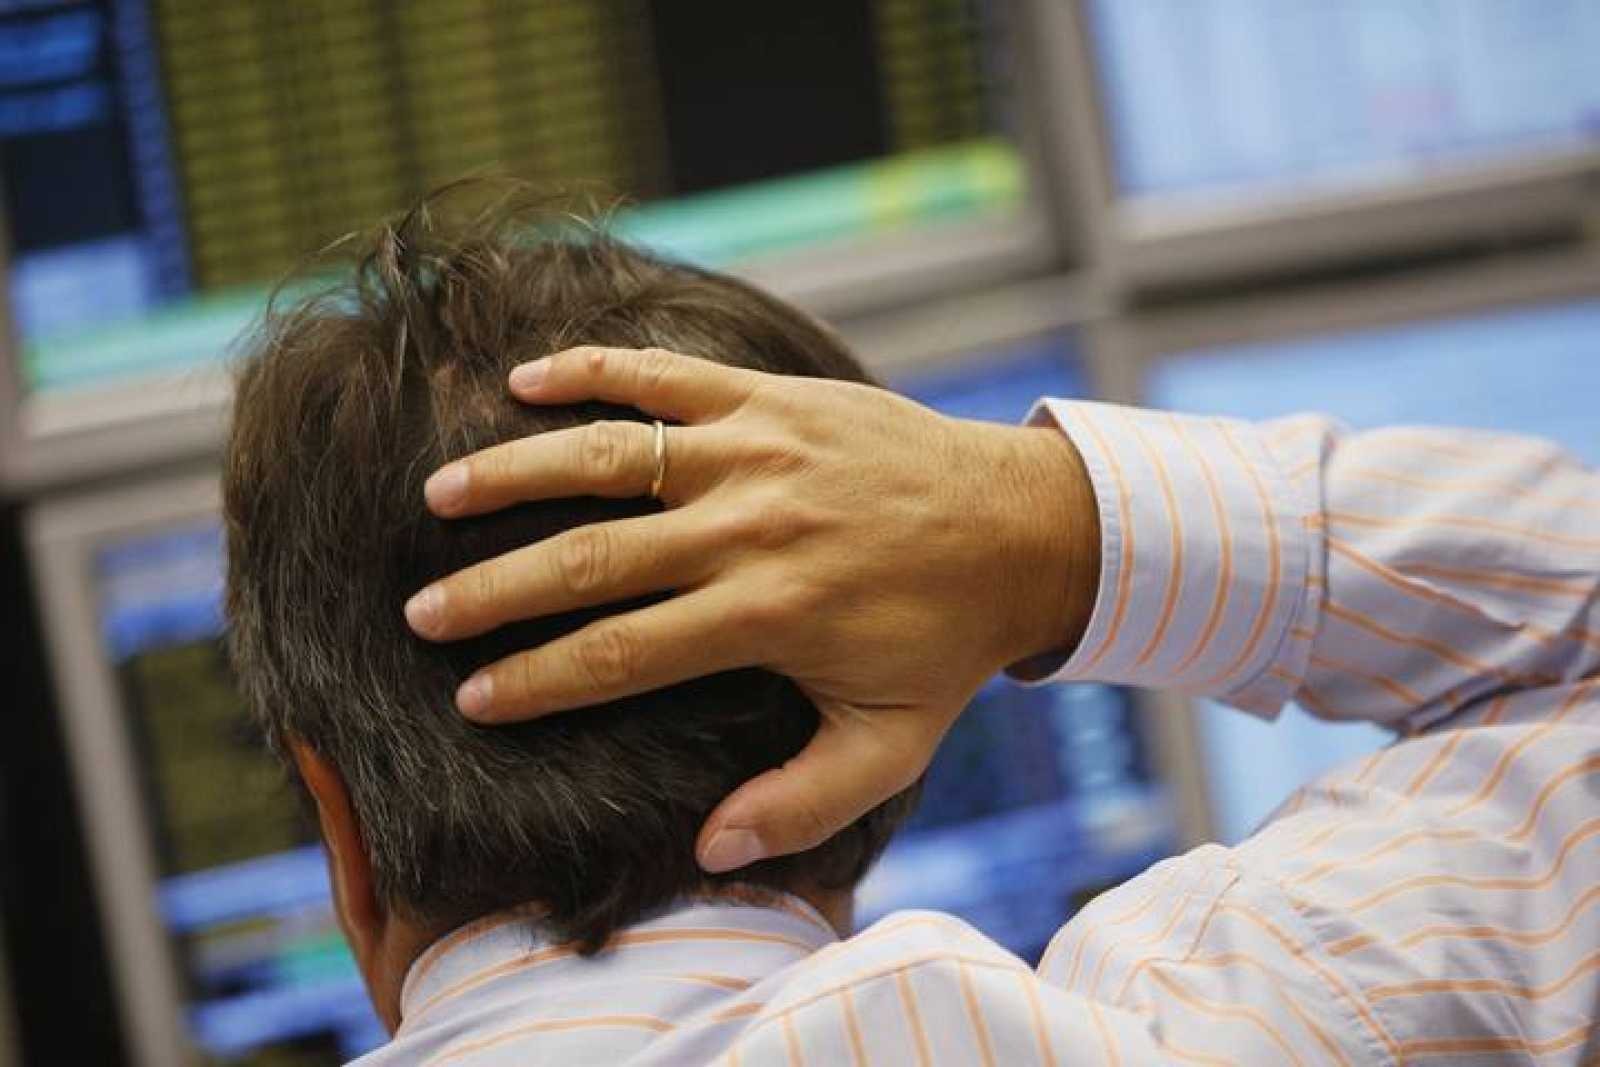 Un empleado de banca mira preocupado la pantalla de un ordenador